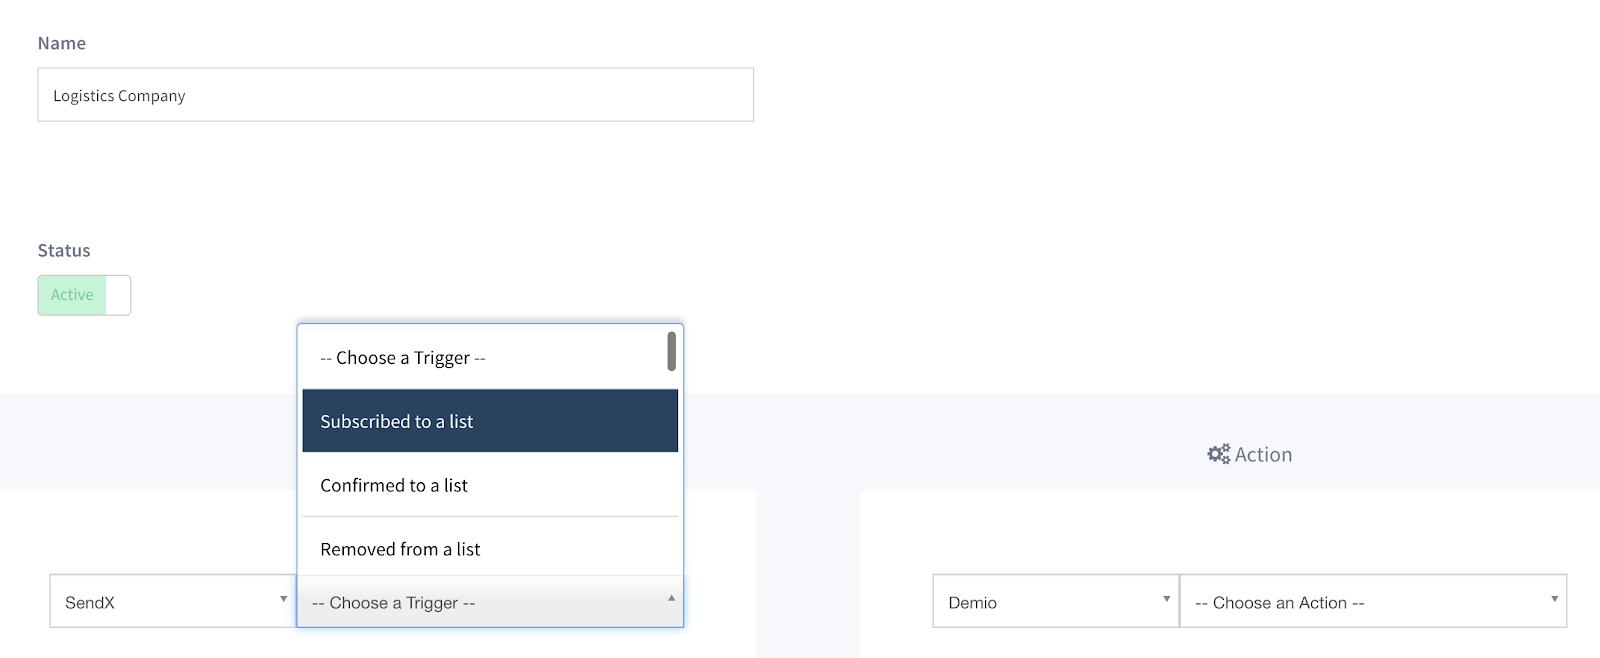 Email marketing for Logistics_SendX